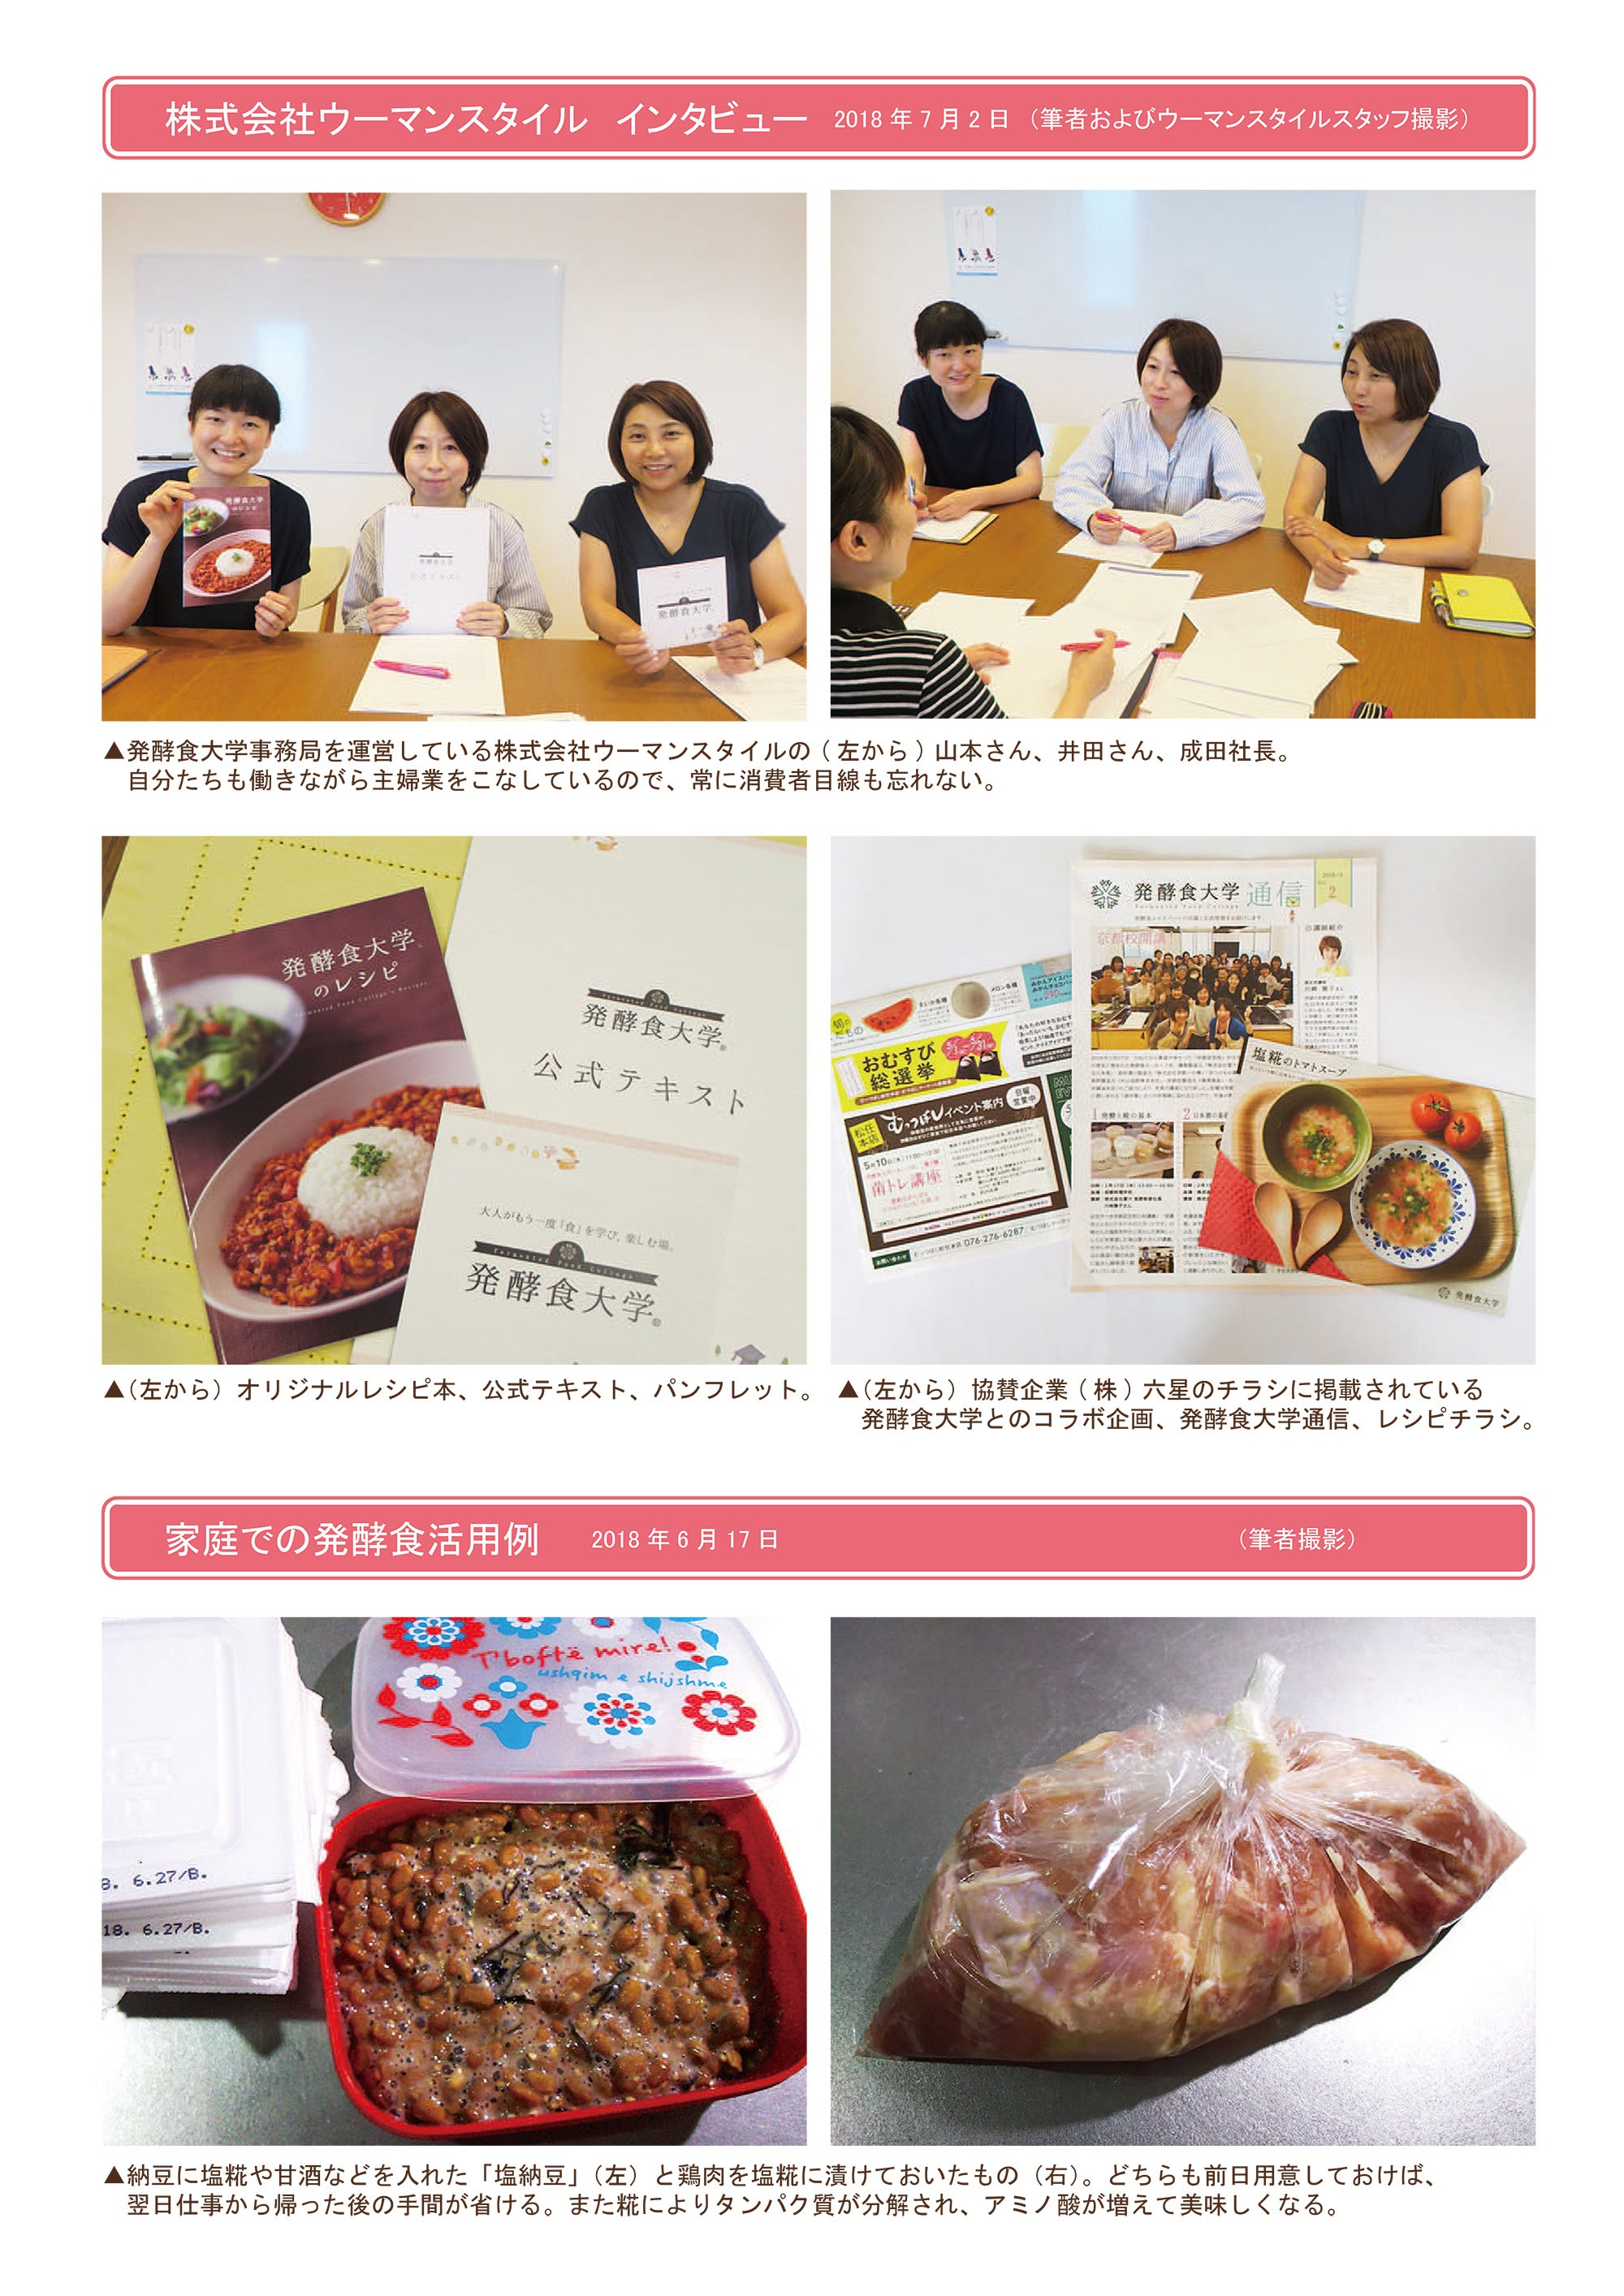 ○演習2・資料(A3).ai